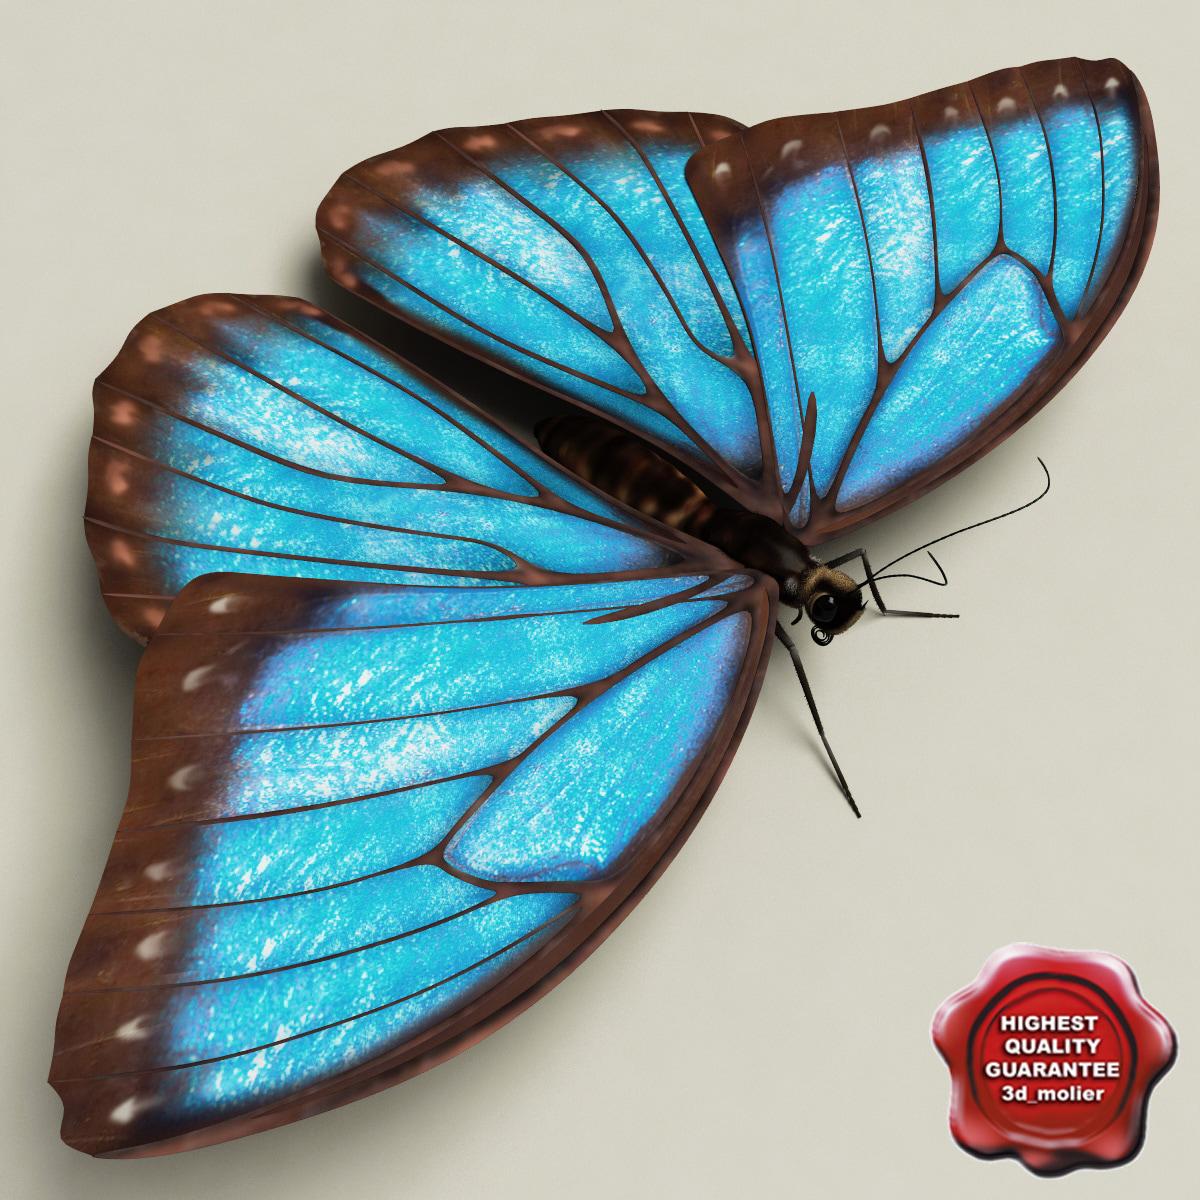 Blue_Morpho_Butterfly_Pose5_00.jpg